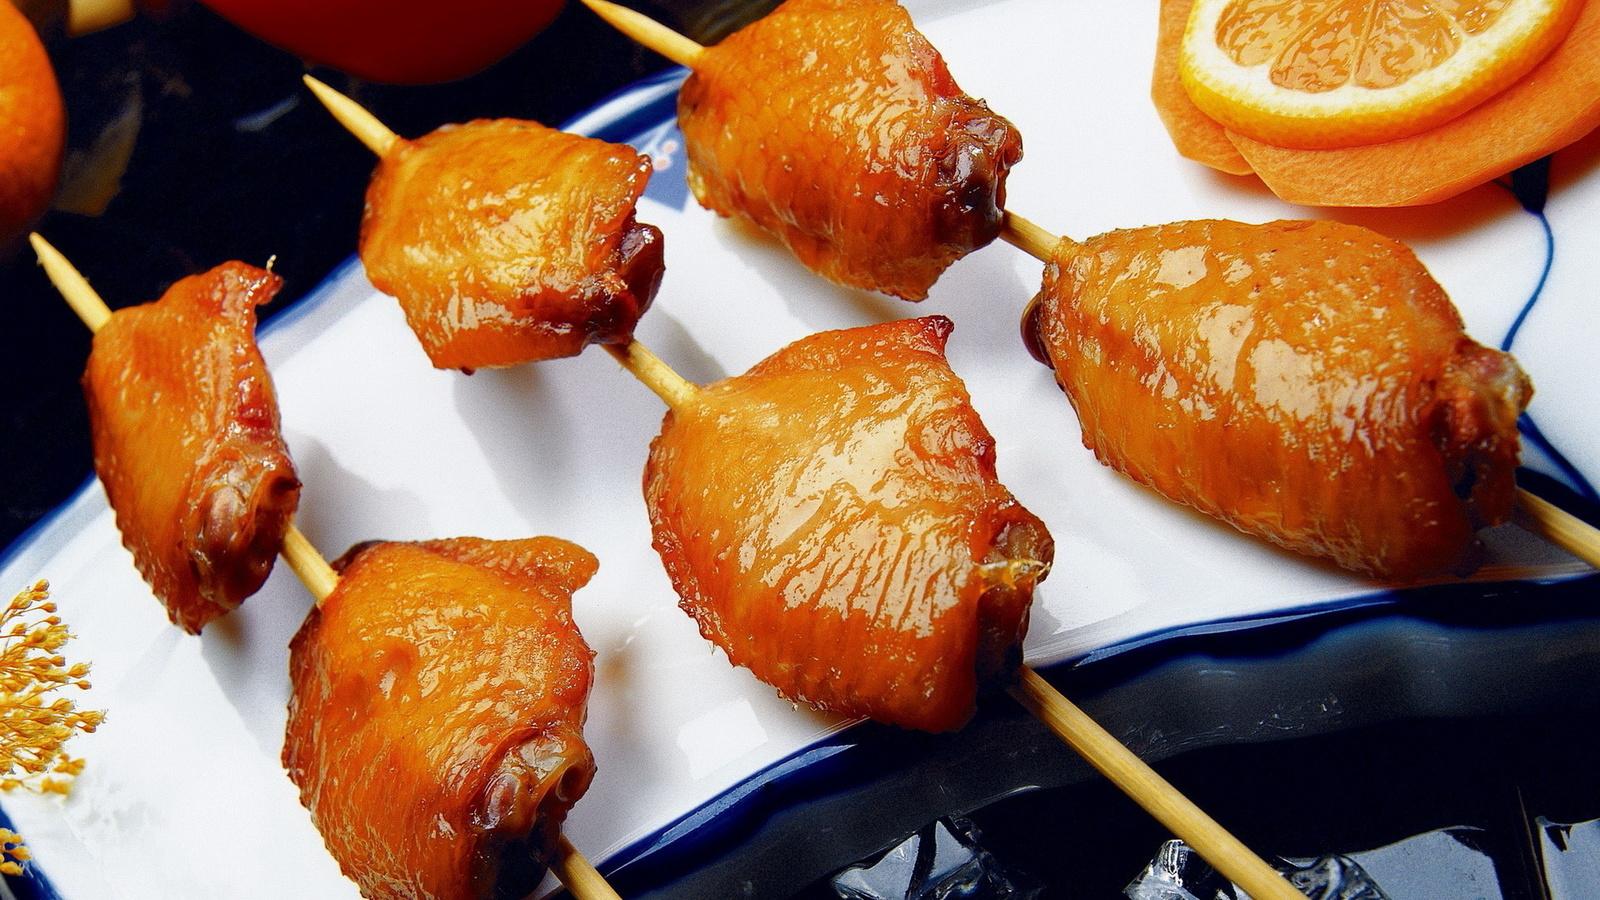 курятина, блюдо, апельсины, зажаренные бедра